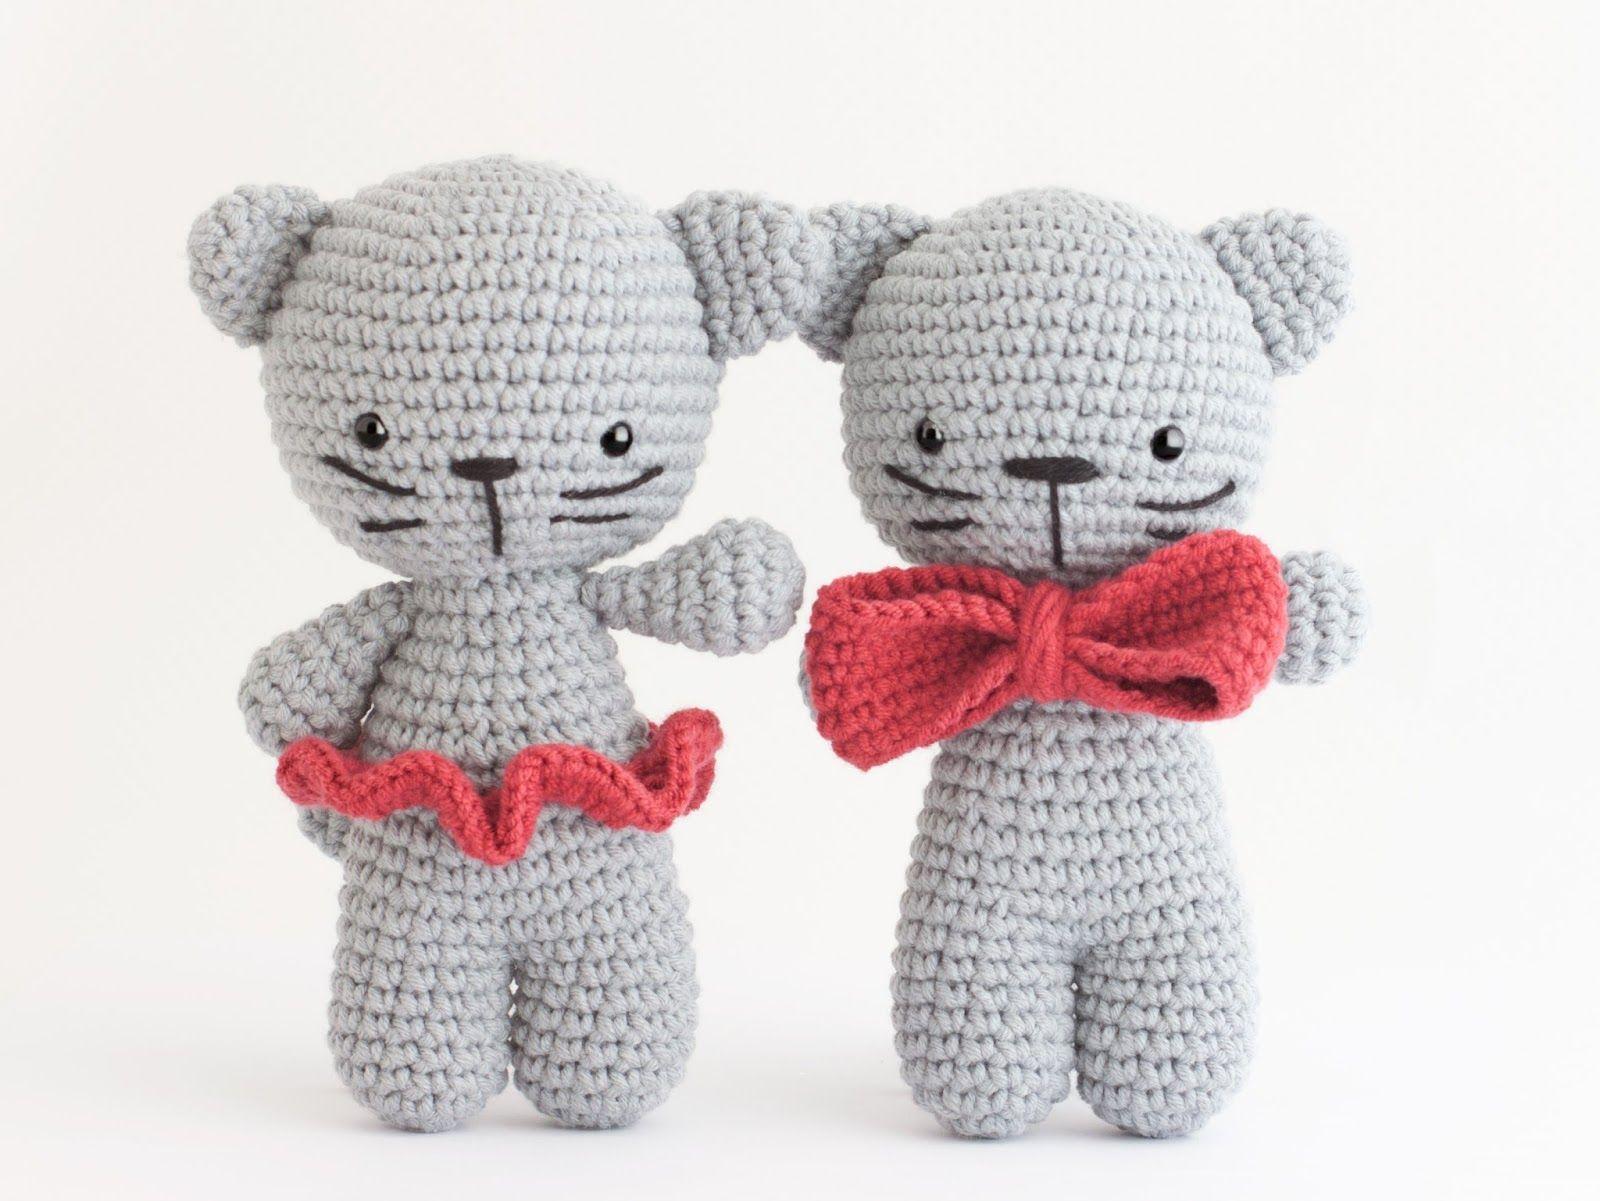 Amigurumi gatitos (enlace a patron gratis) | Amigurumis | Croché ...